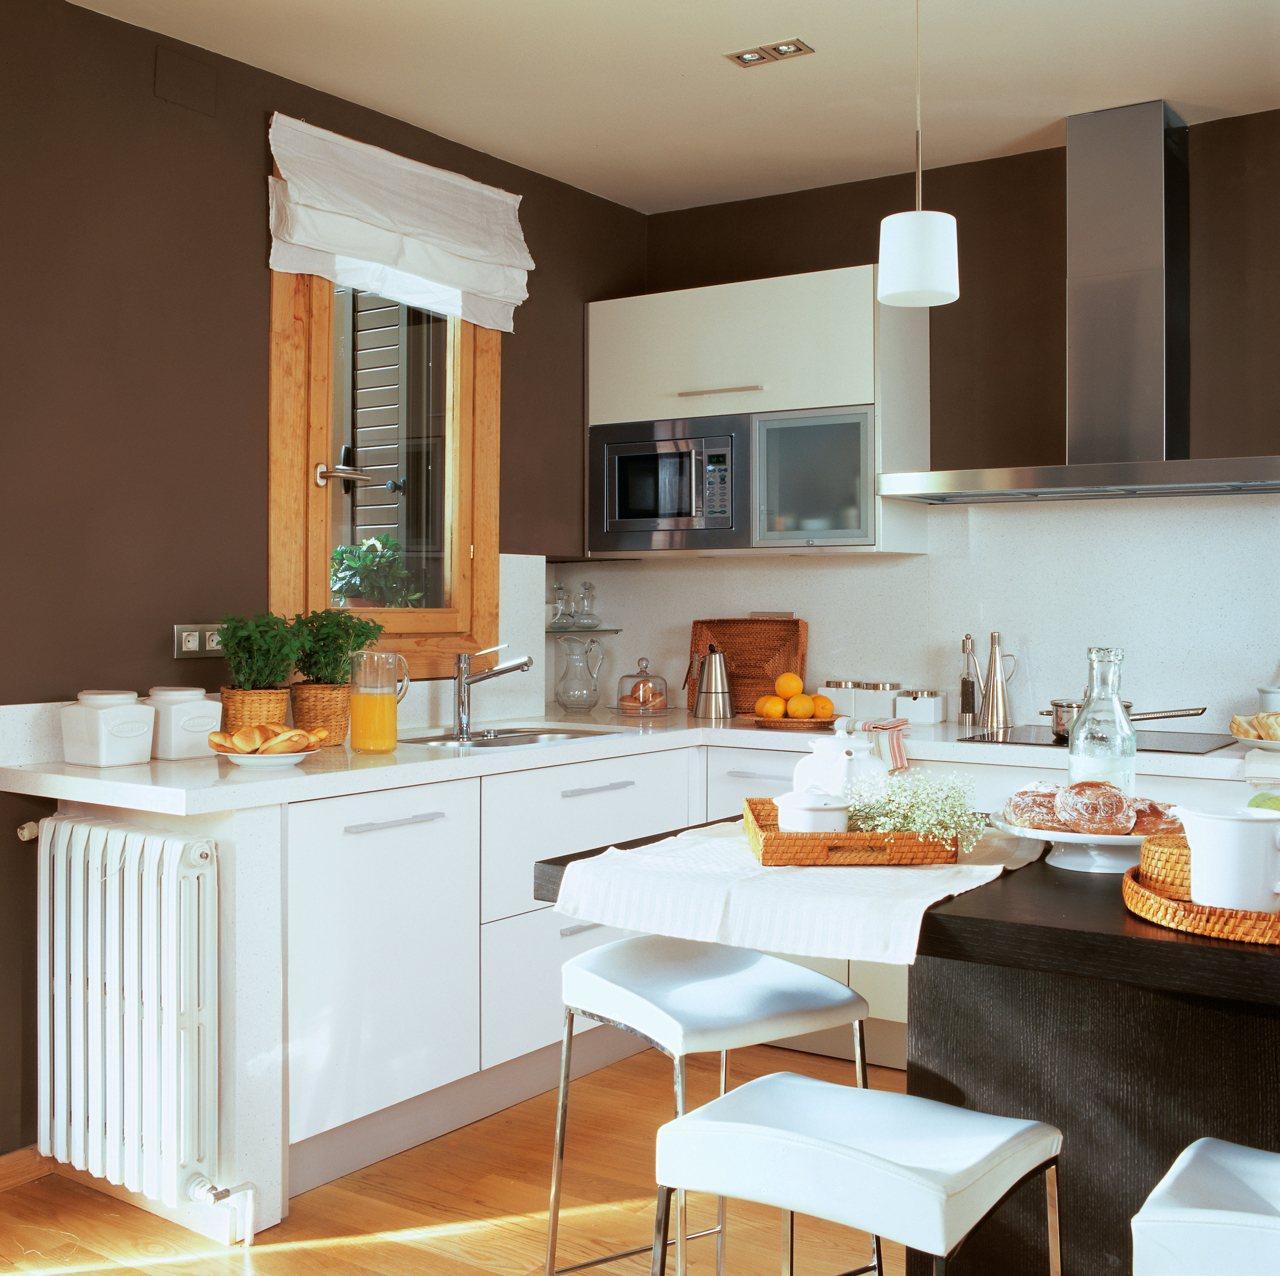 ahora me encanta, me parece superoriginal el color de los muebles